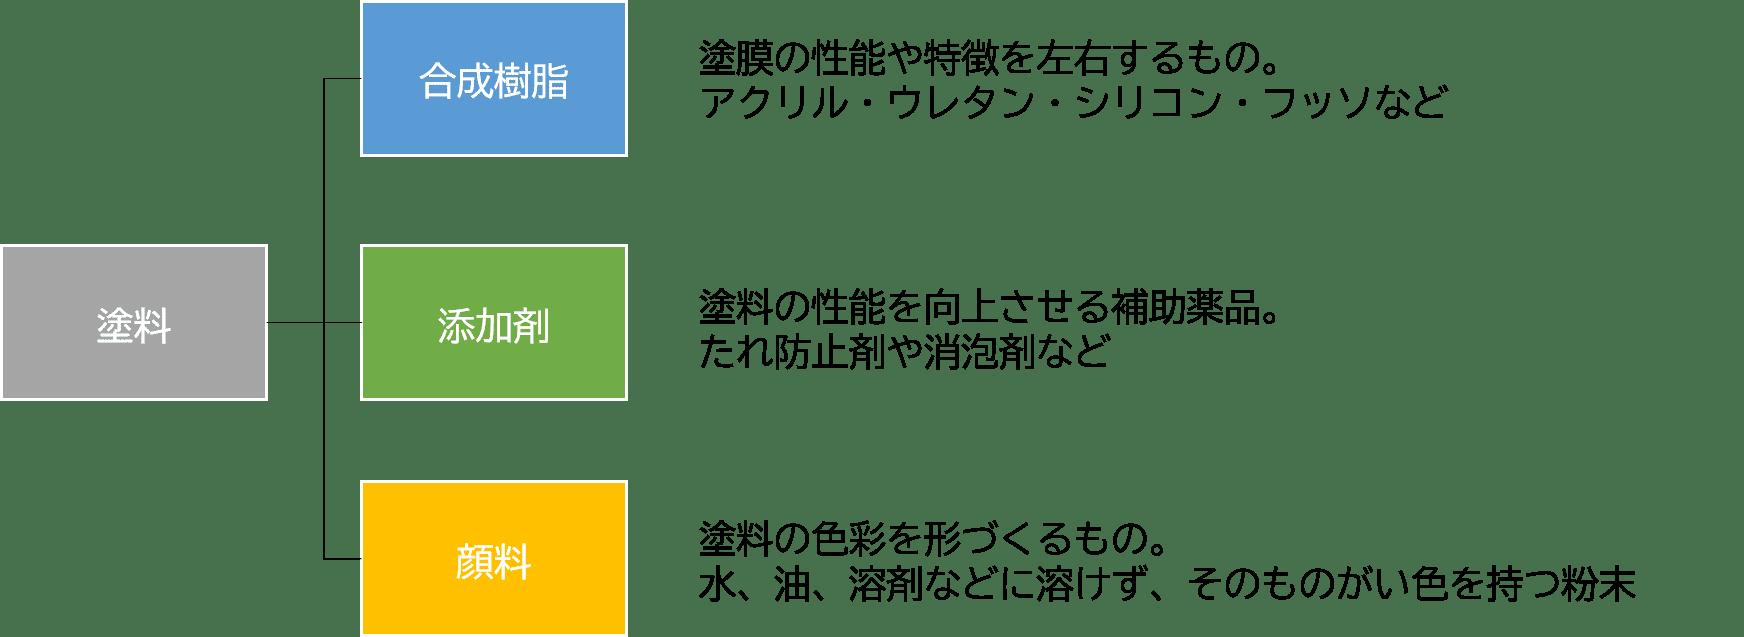 塗料3つの成分構成表